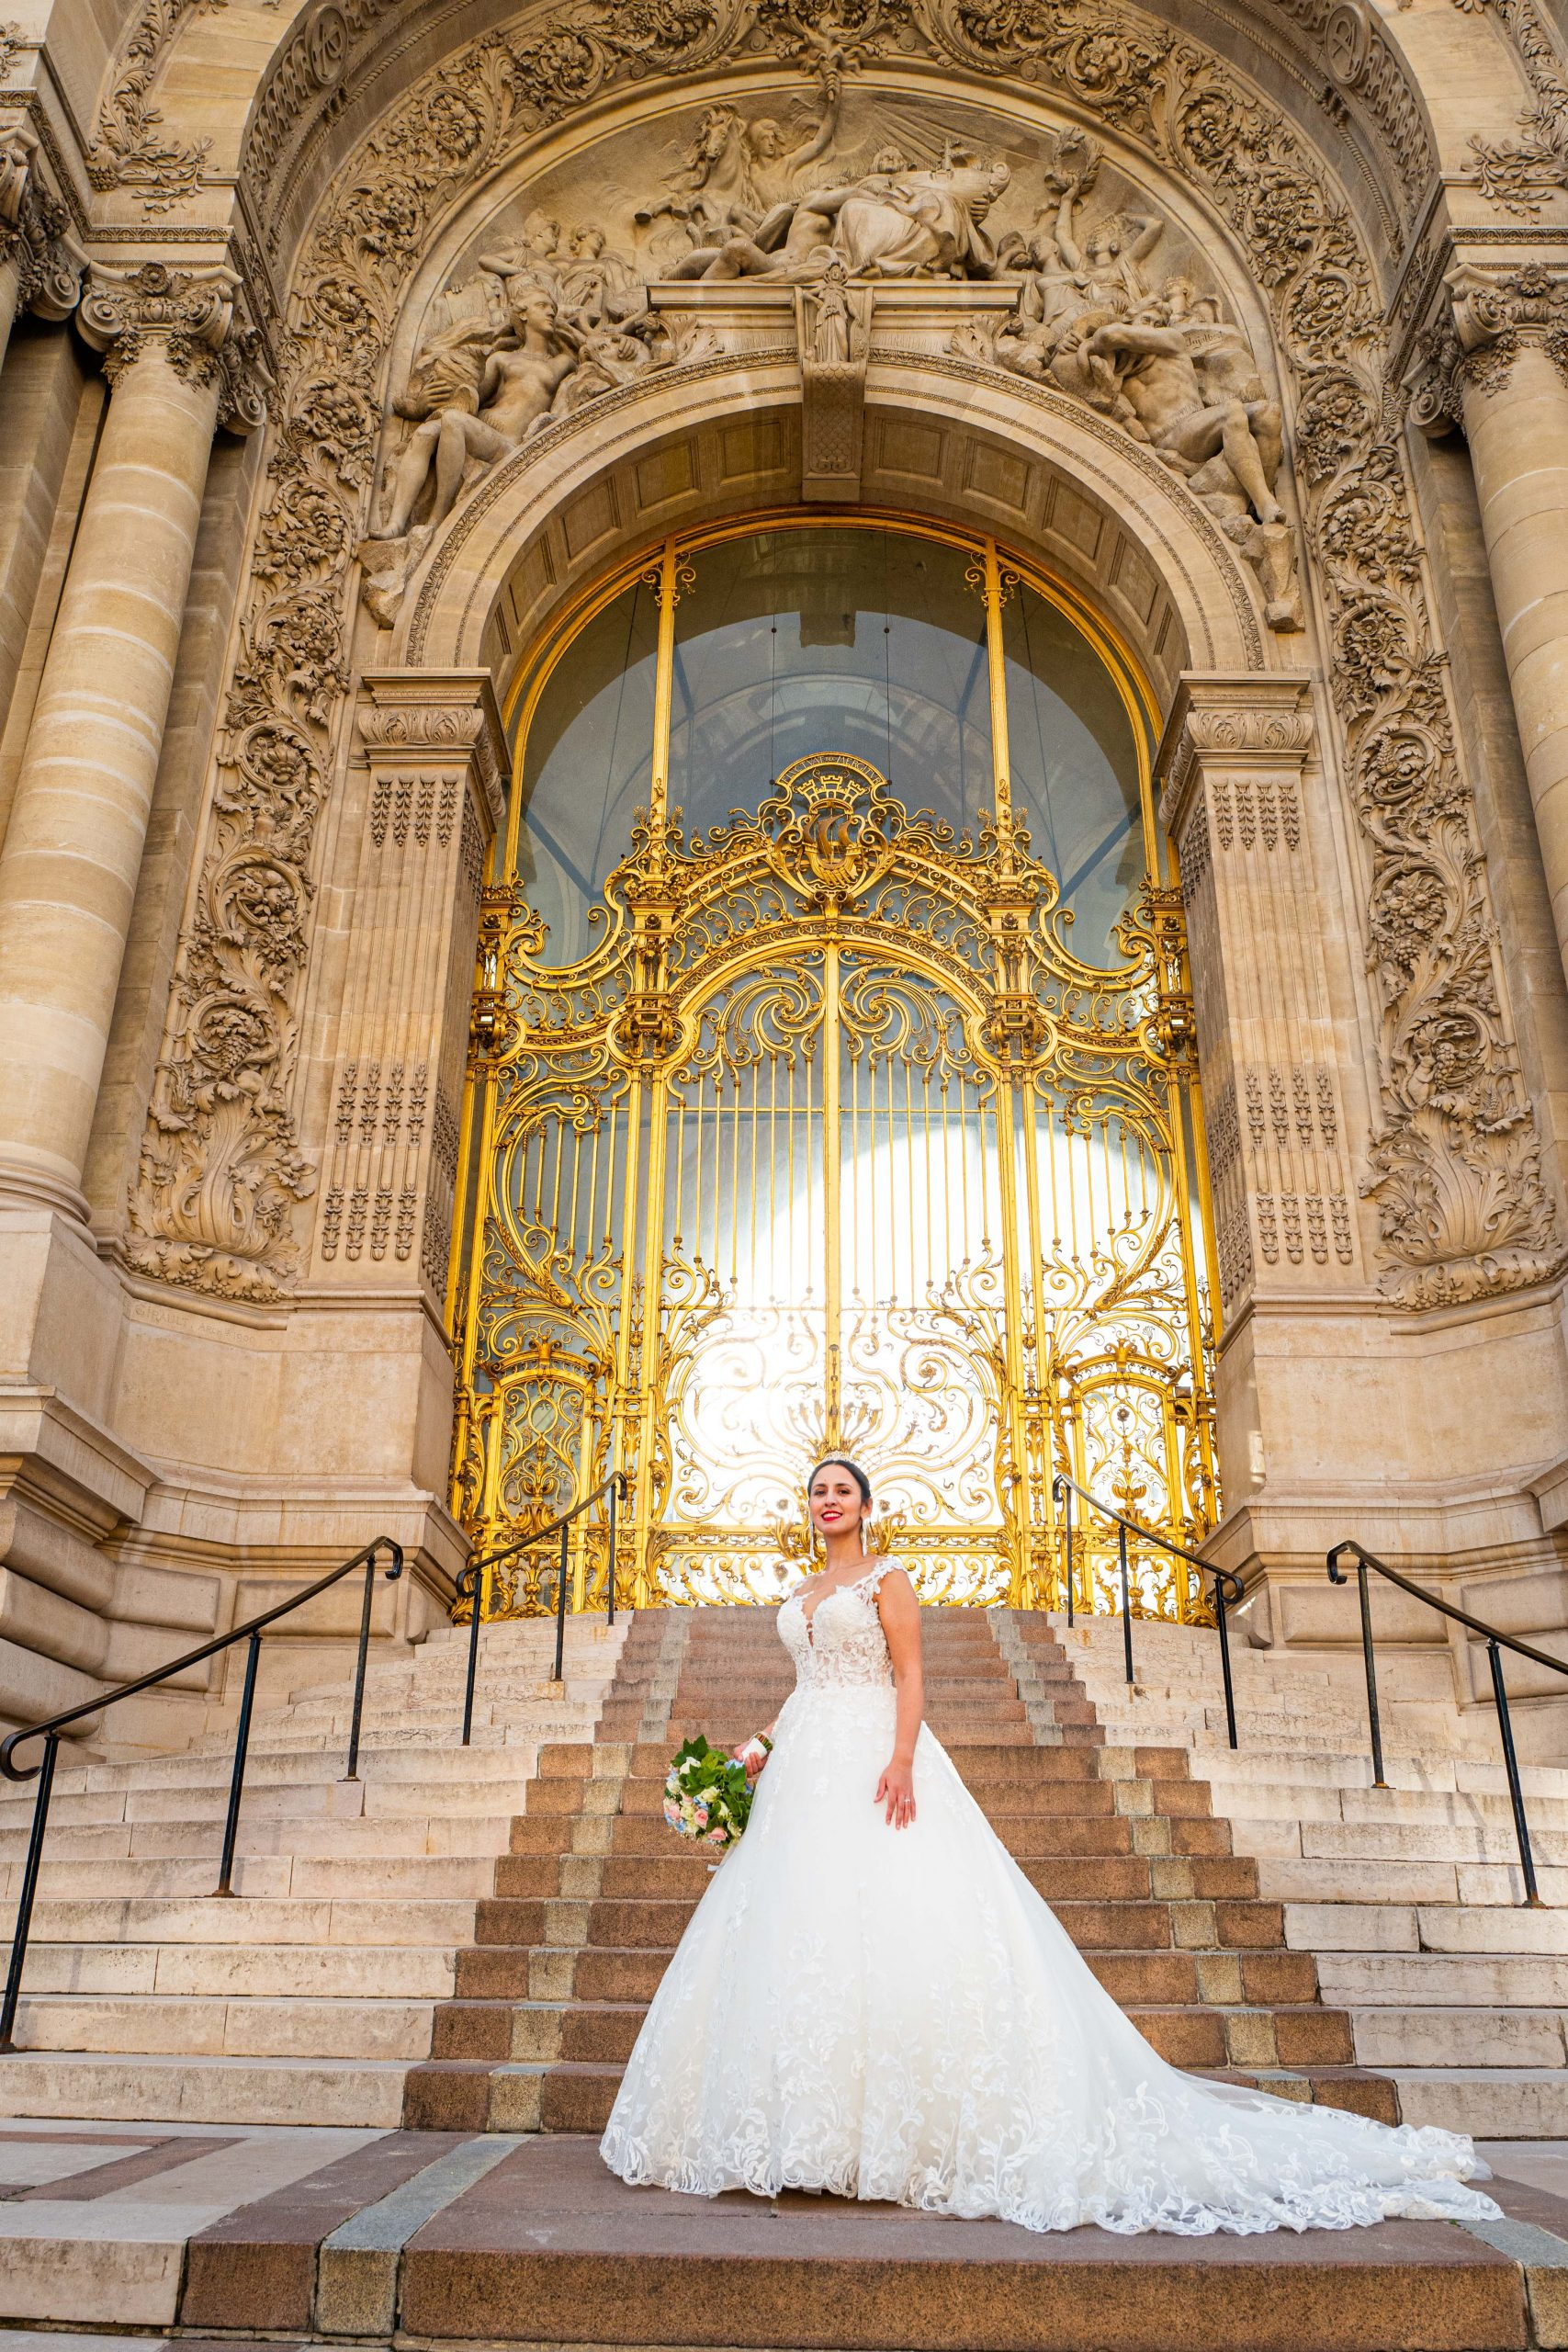 Mariage Paris - Photographe mariage Paris original - Séance couple Porte Dorée- Petit Palais - Paris